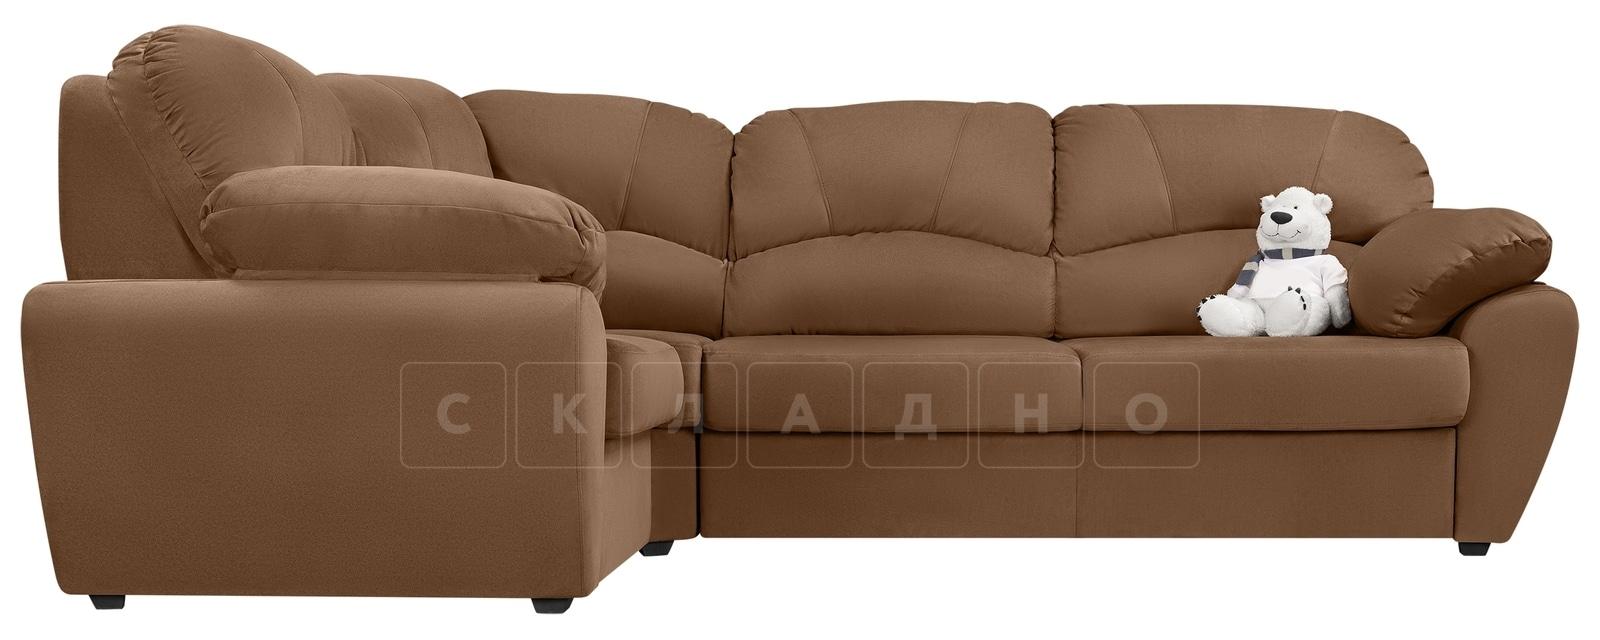 Угловой диван Эвита велюр коричневый левый угол фото 2 | интернет-магазин Складно